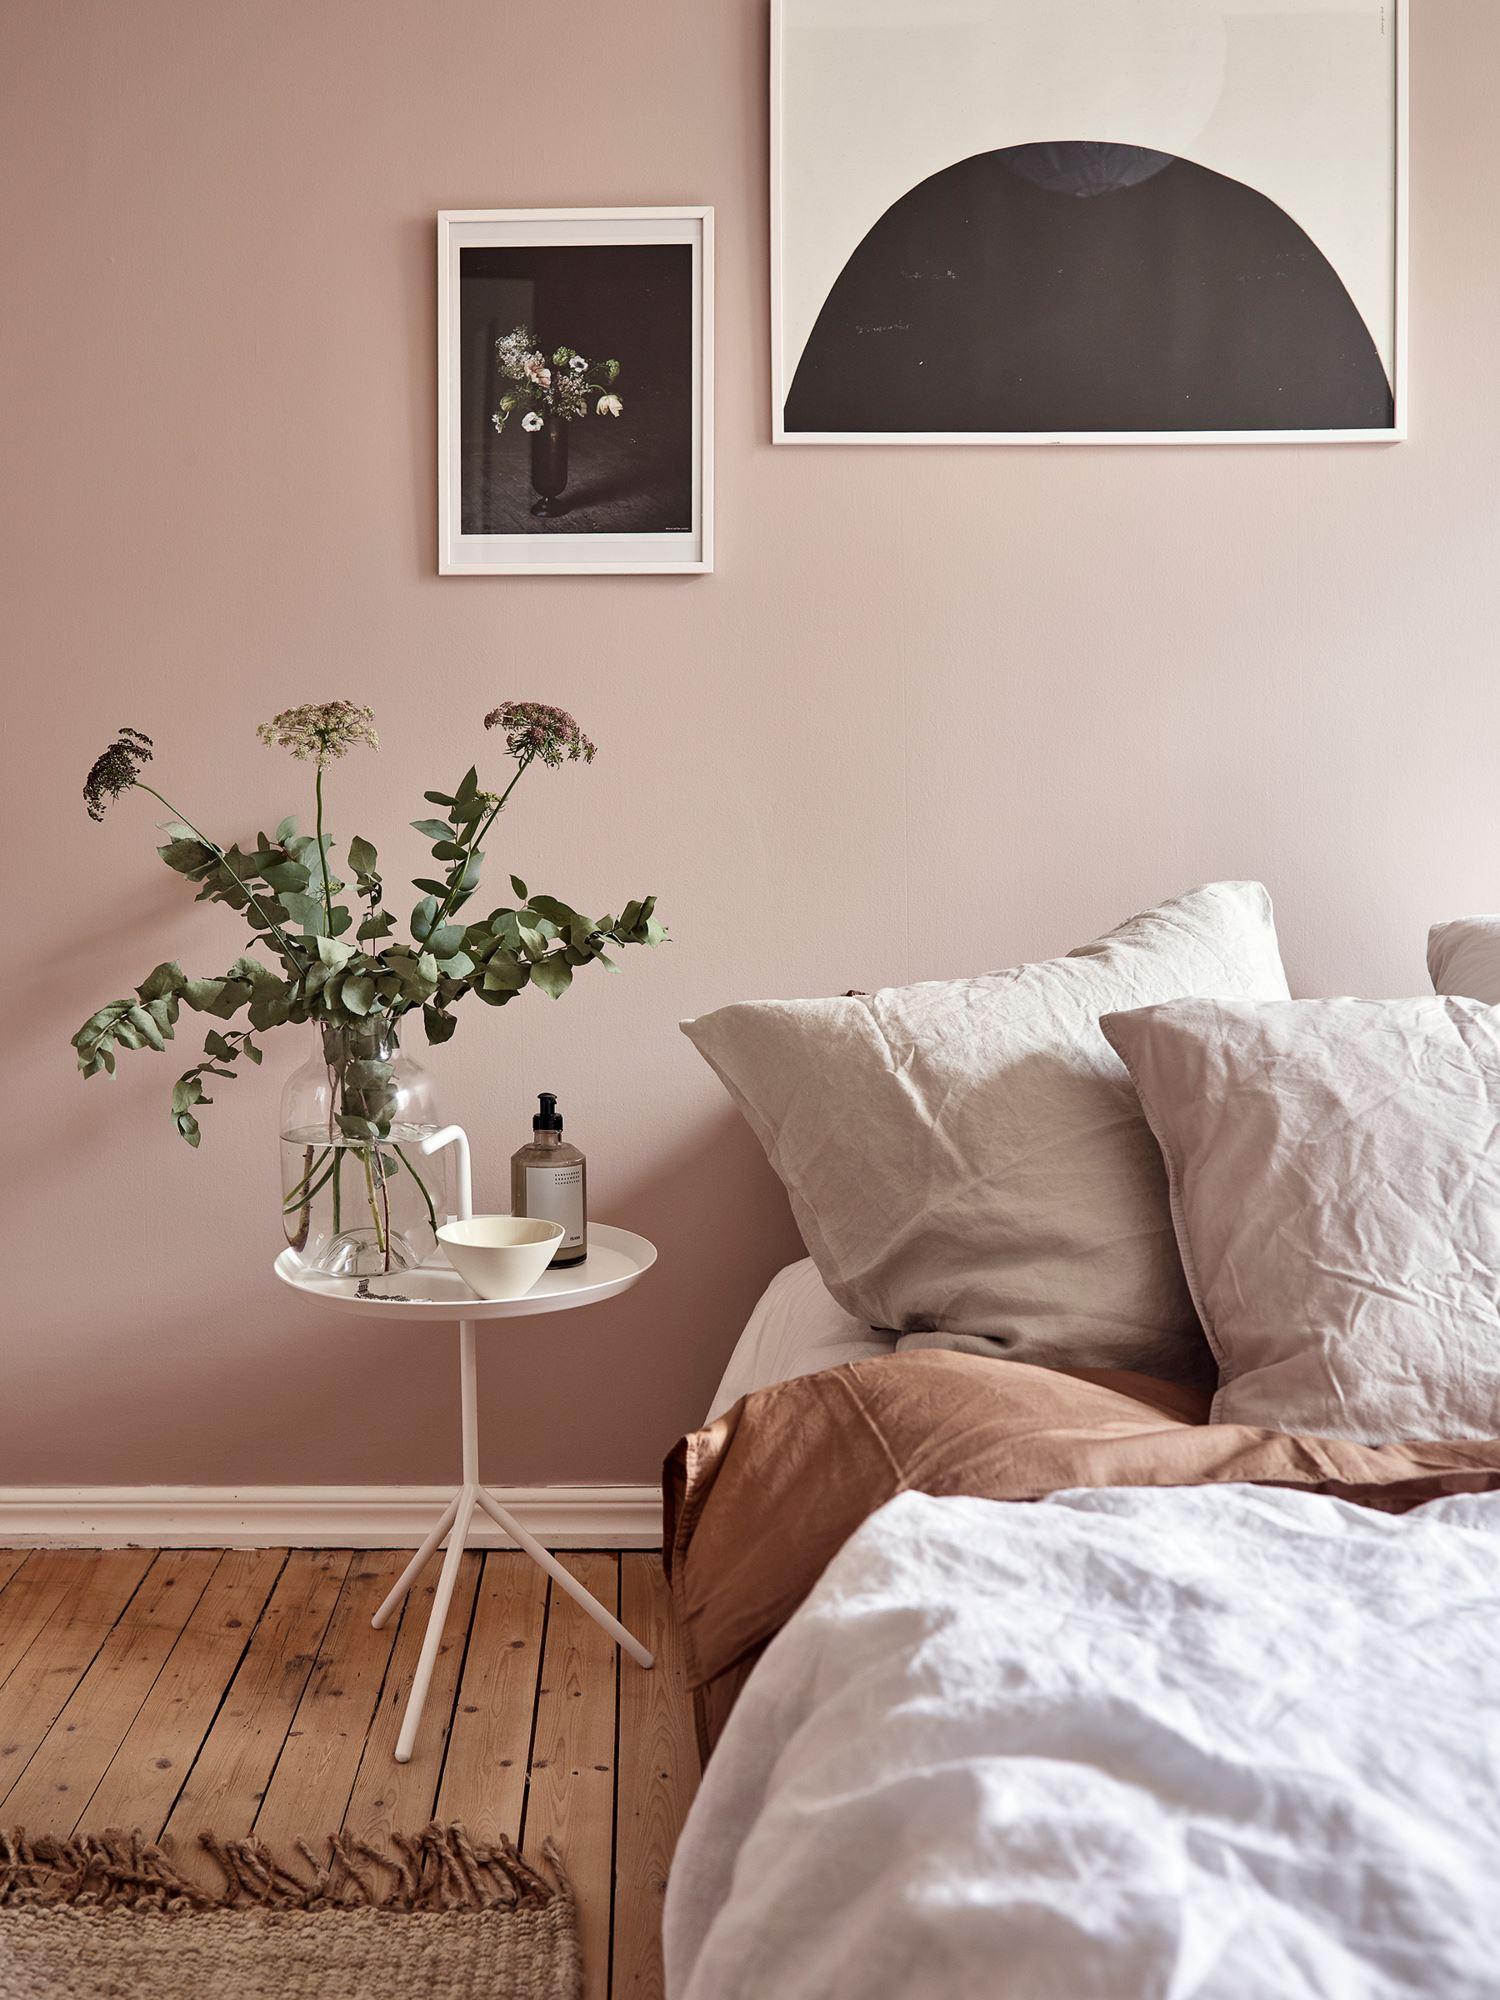 Pudrowy róż we wnętrzach. Z czym łączyć pastelowy róż na ścianach?